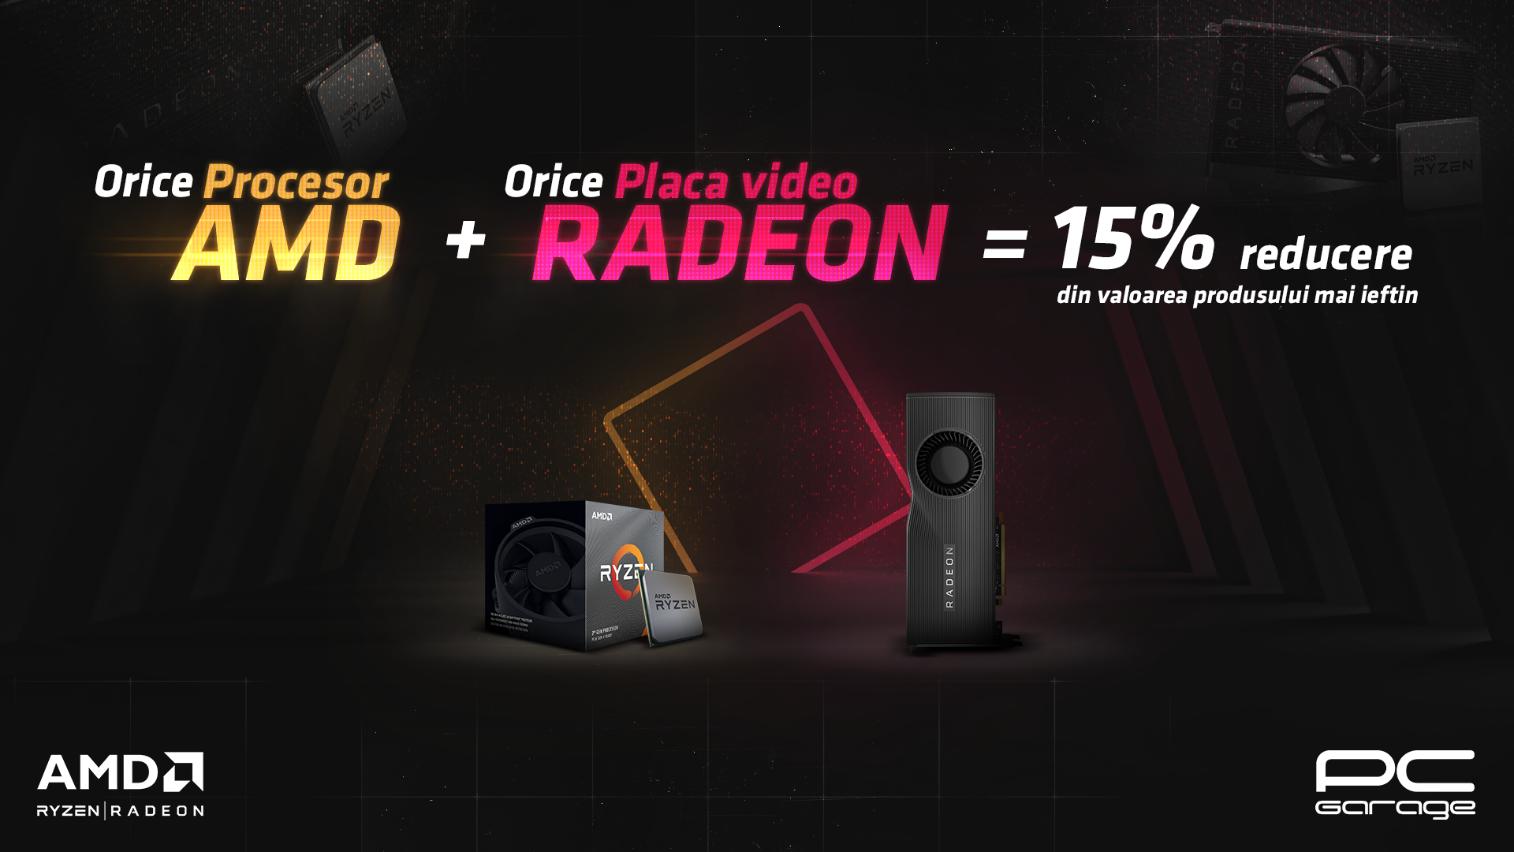 PC Garage și AMD oferă 15% reducere la orice achiziţie de   procesor AMD + placă video Radeon